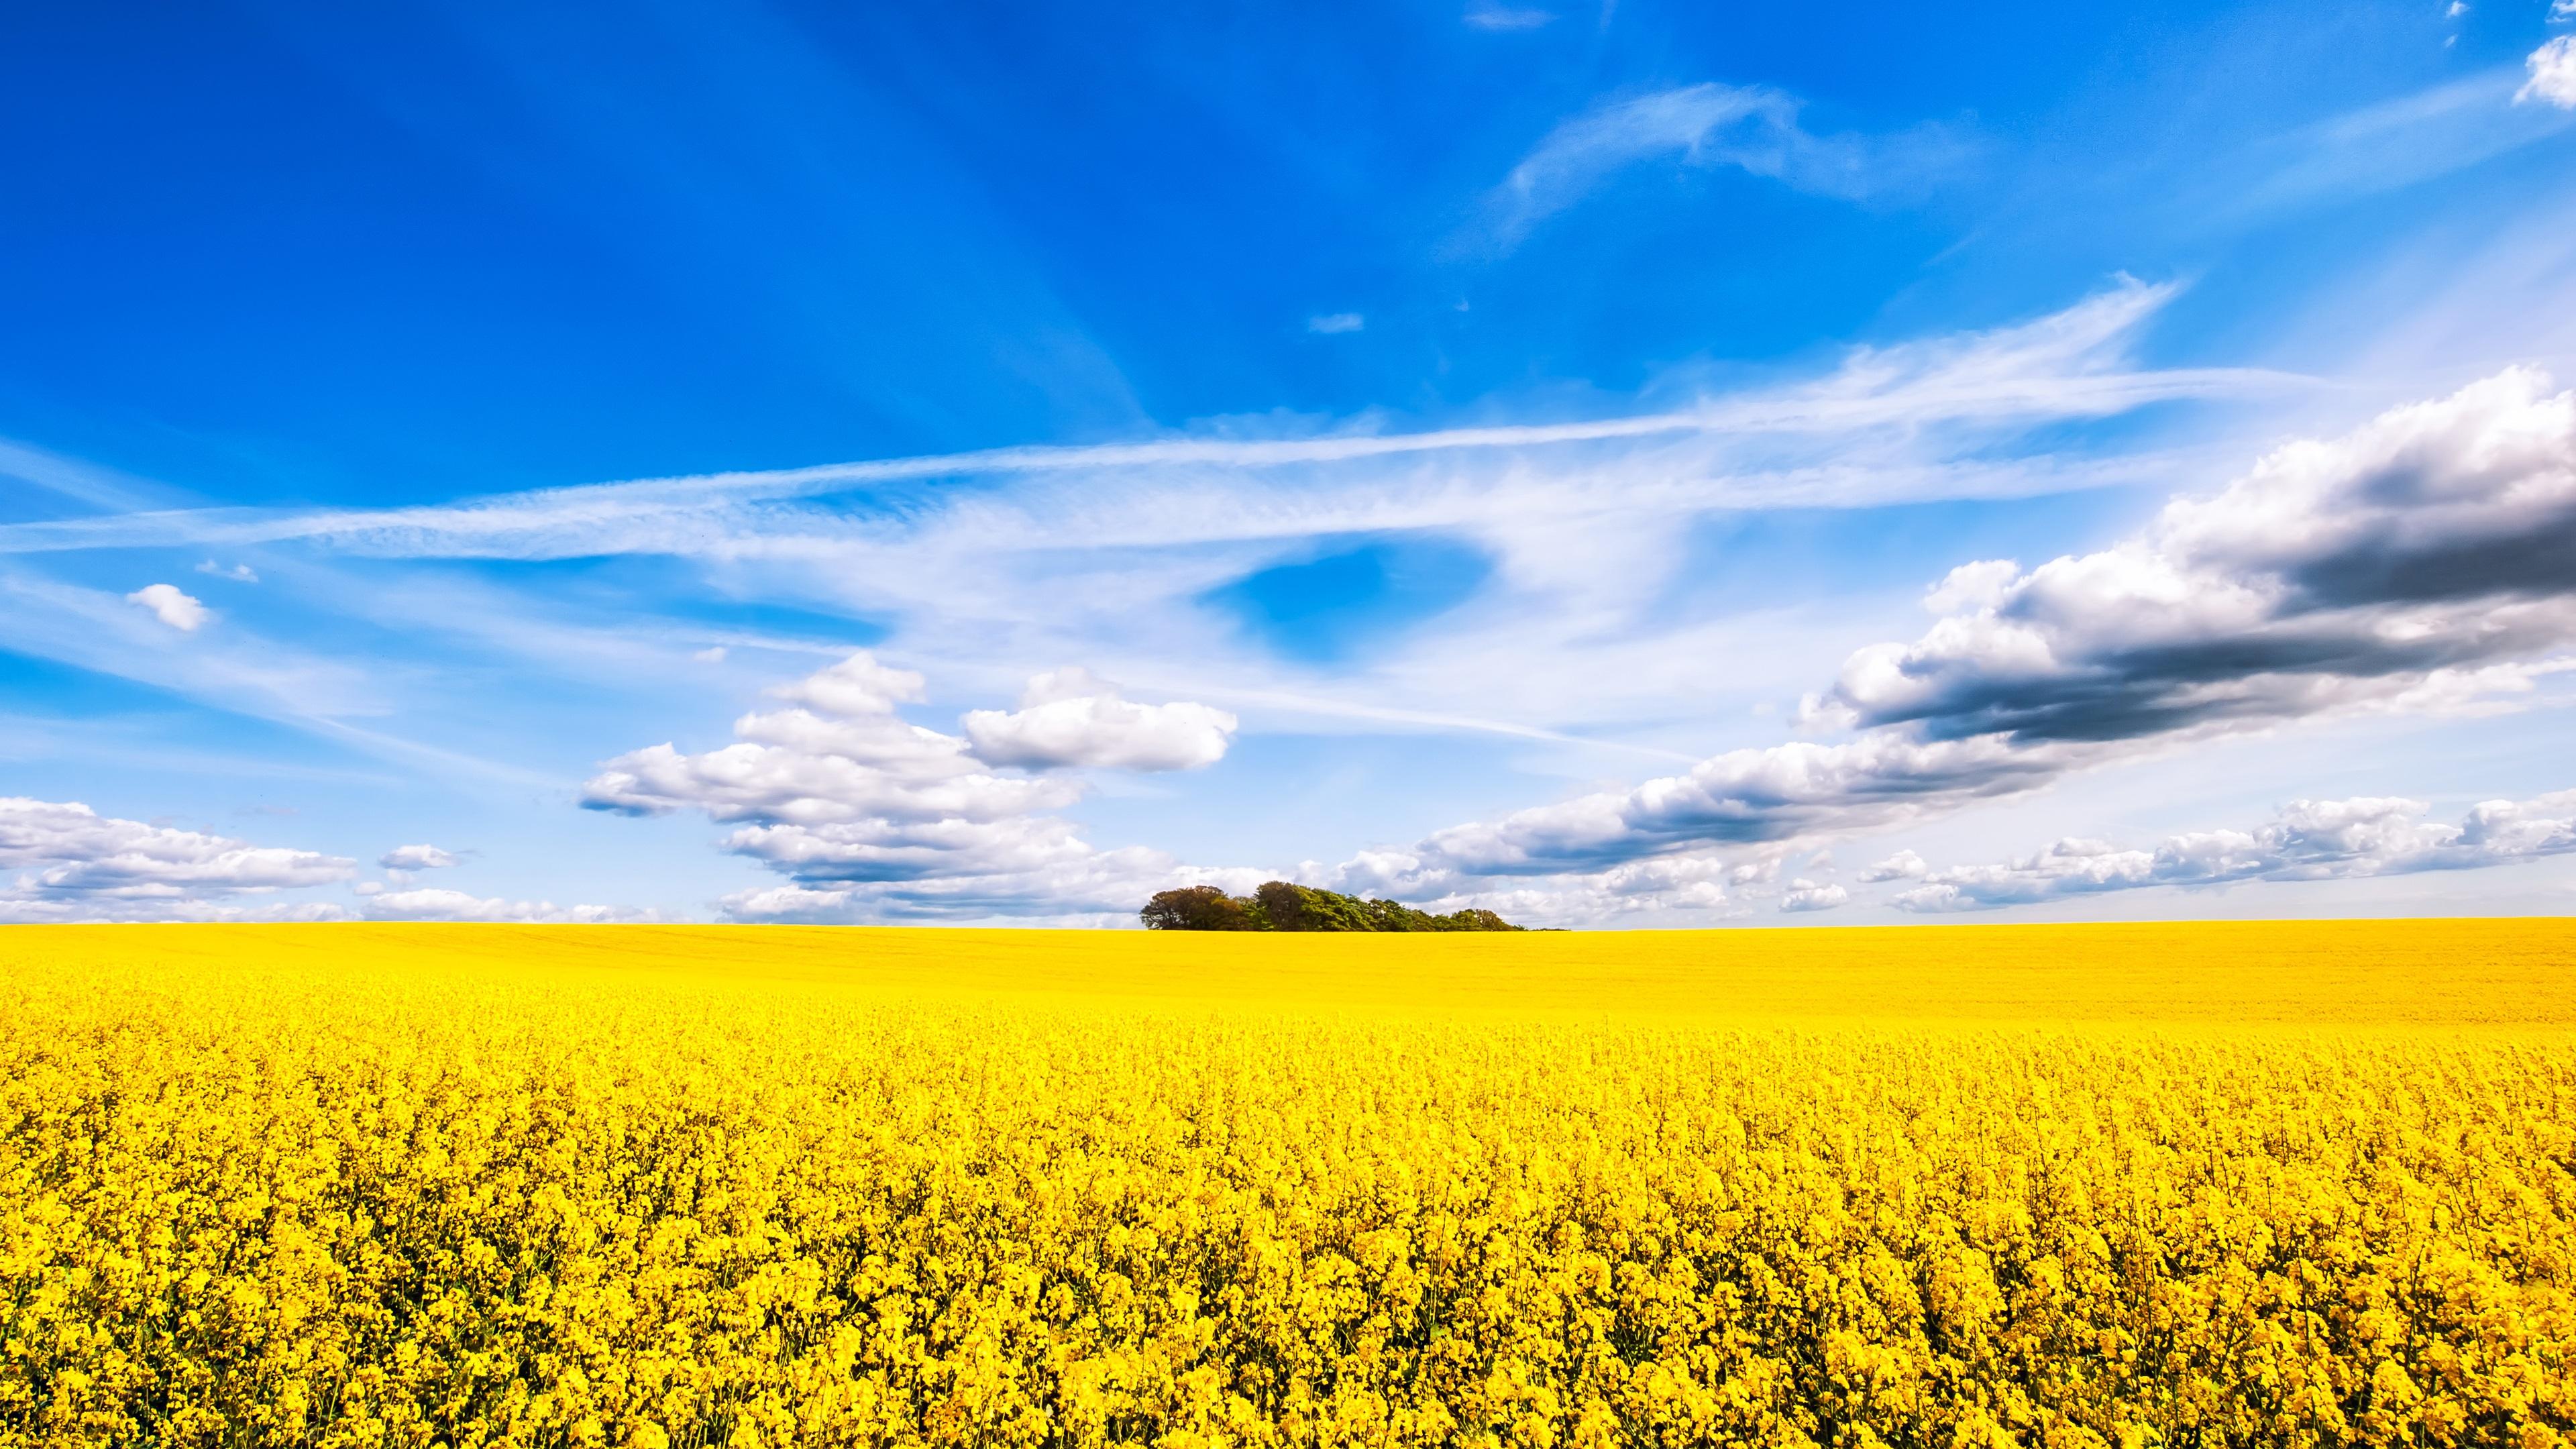 壁紙 菜の花の畑 美しい景色 3840x2160 Uhd 4k 無料のデスクトップの